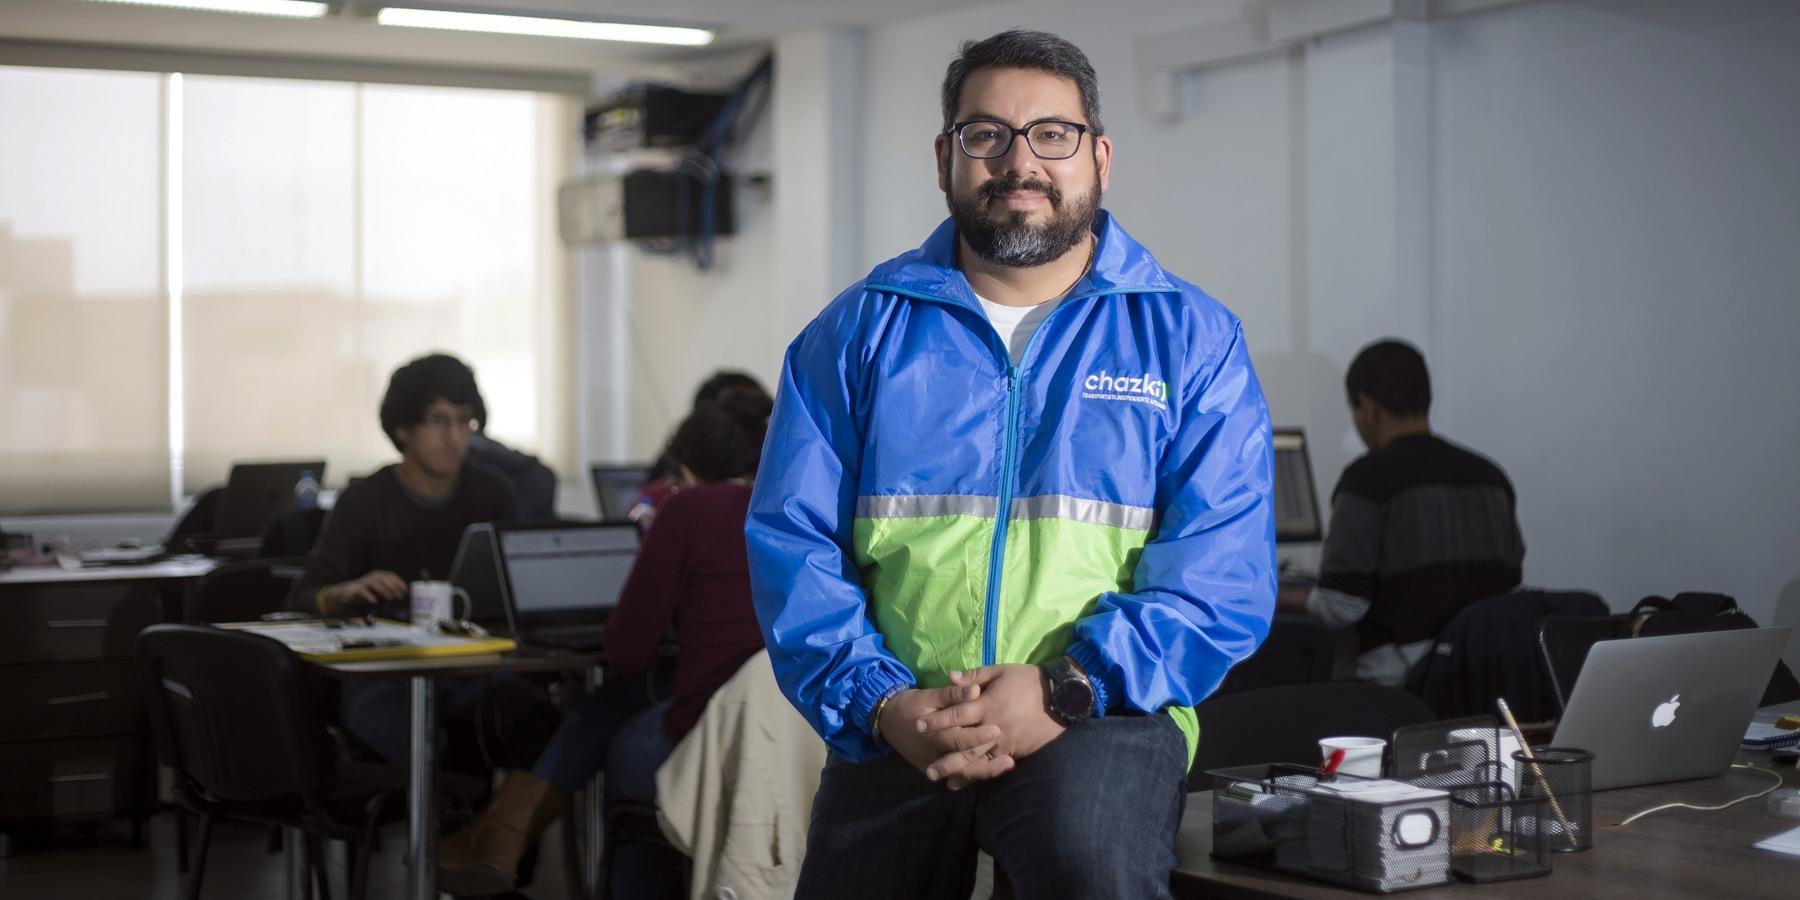 """""""El uso intensivo de tecnología es clave en una ciudad donde hay direcciones muy difíciles de encontrar.""""  - Gonzalo Begazo, CEO de Chazki."""